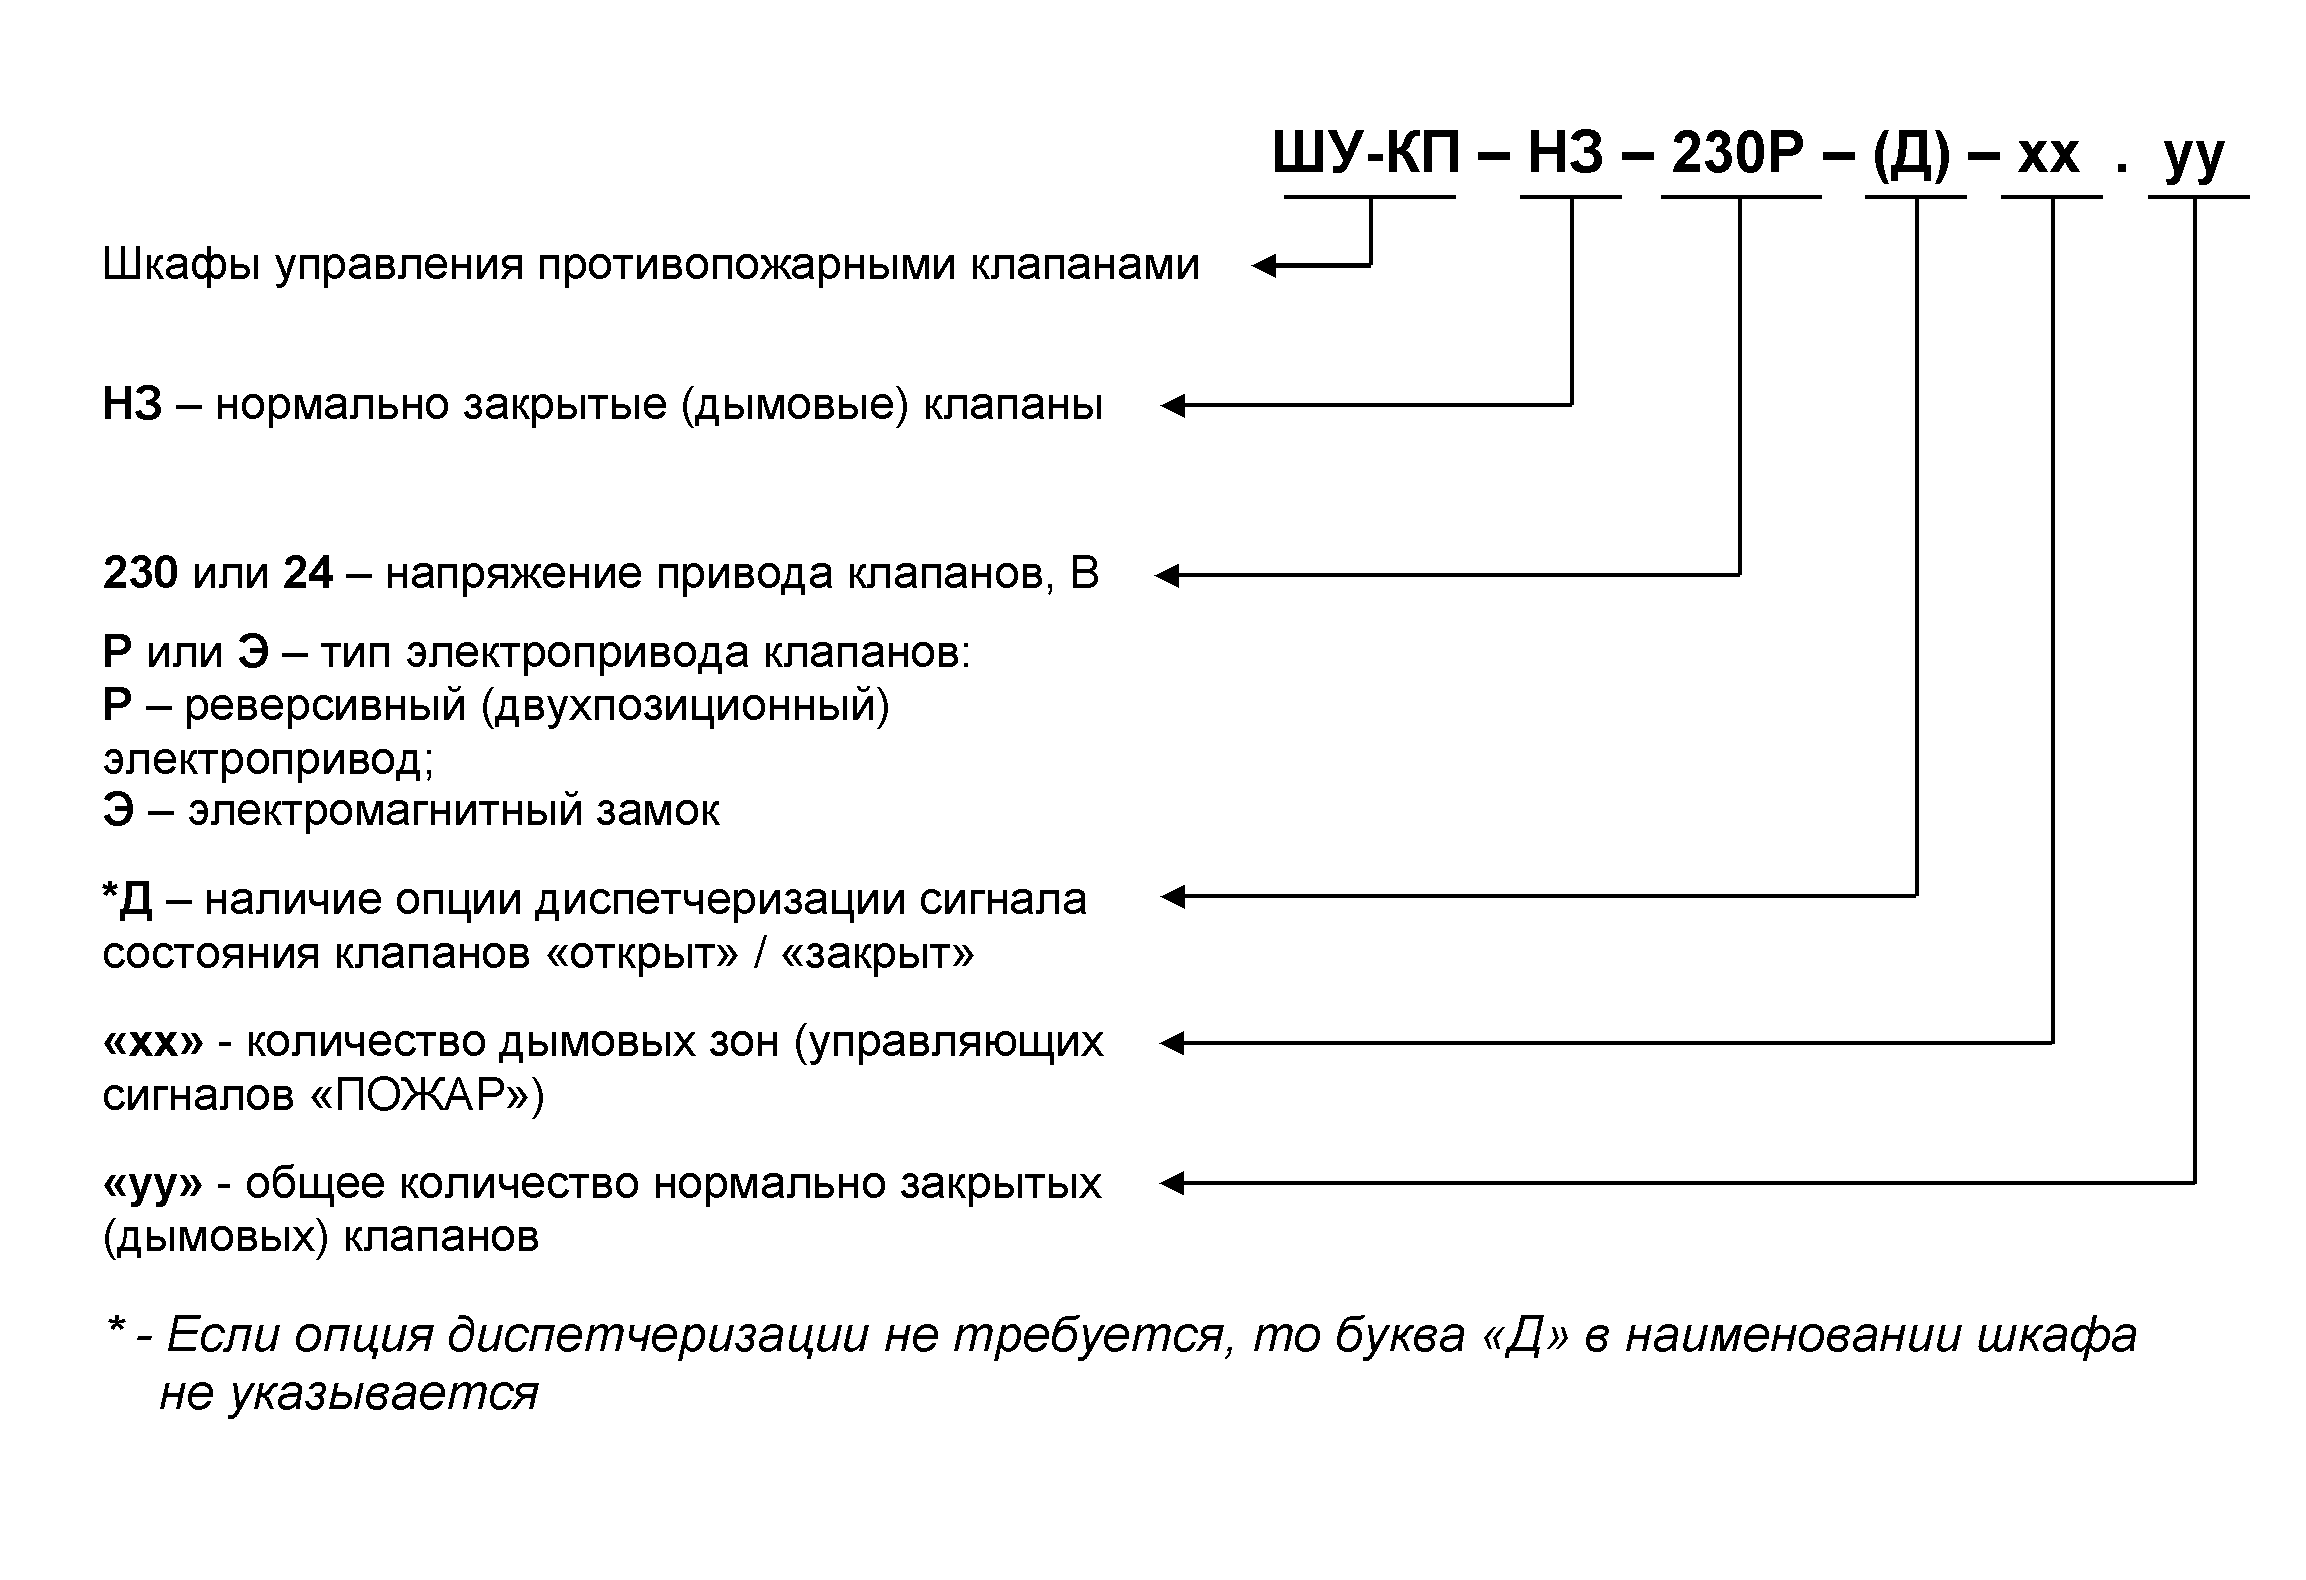 структура ШУ-КП-НЗ